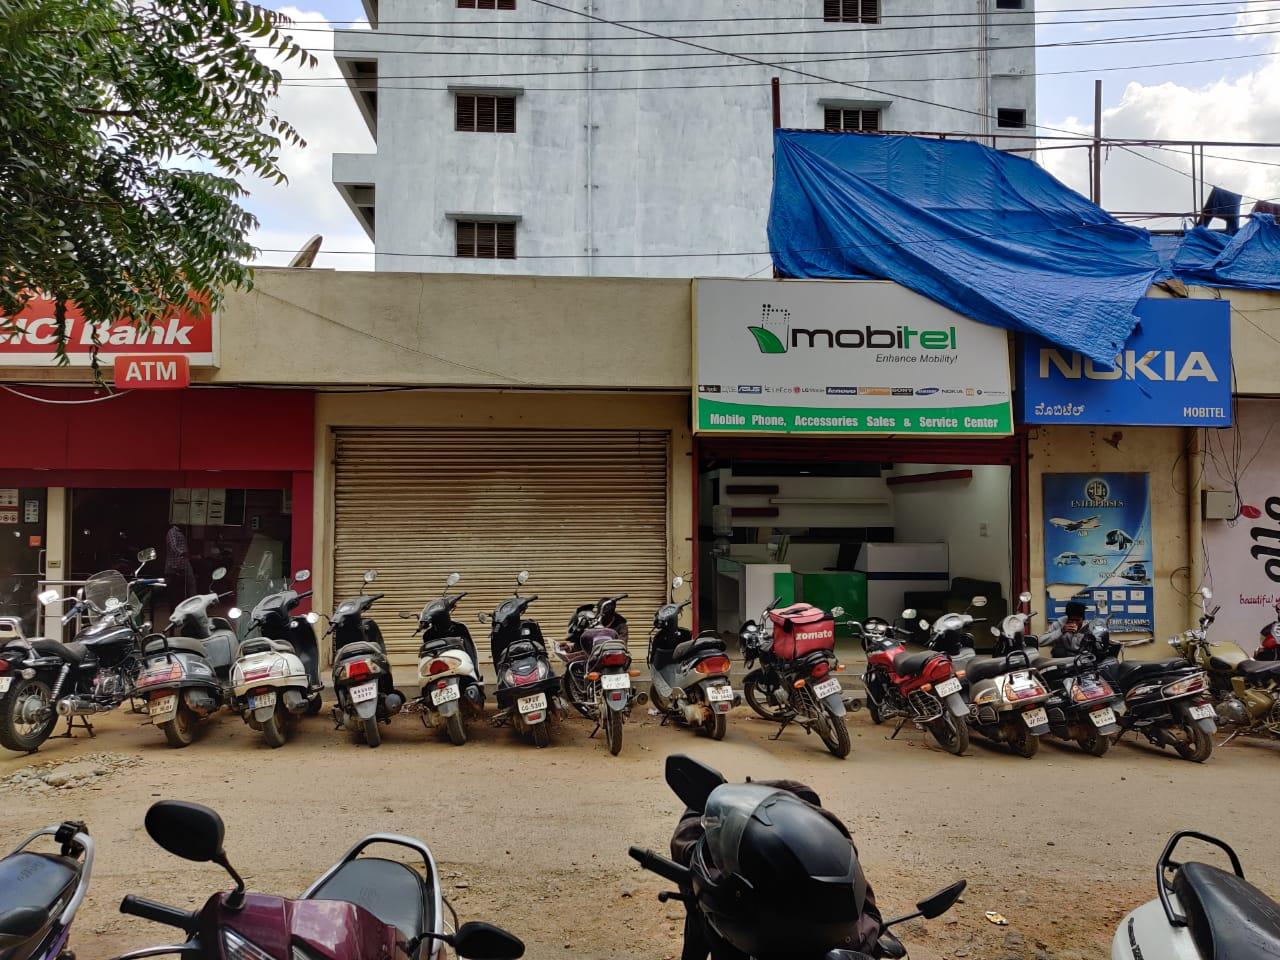 Mi Service Center Xiaomi in Bengaluru Urban